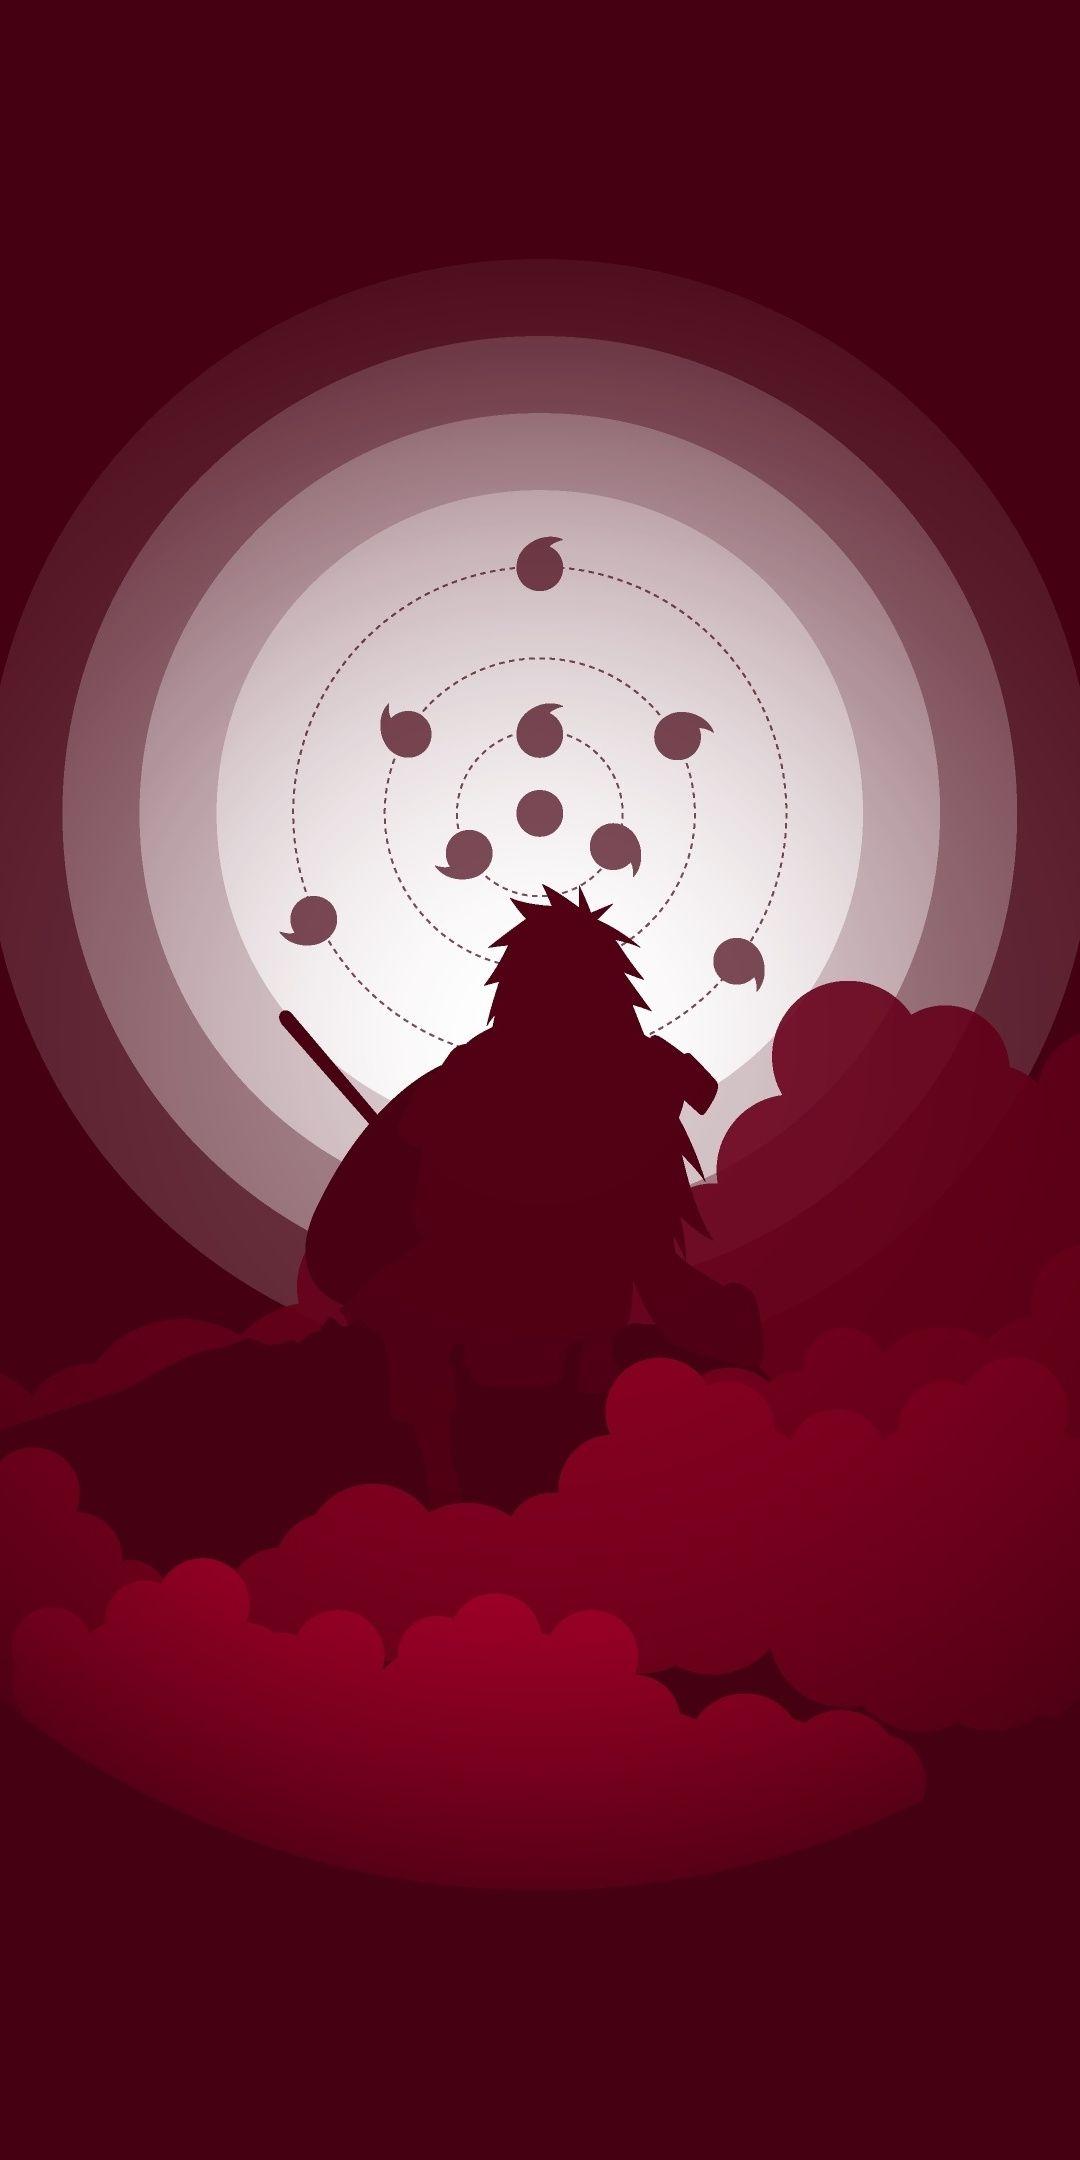 Naruto Anime Madara Uchiha Art 1080x2160 Wallpaper Naruto Wallpaper Wallpaper Naruto Shippuden Naruto Shippuden Sasuke